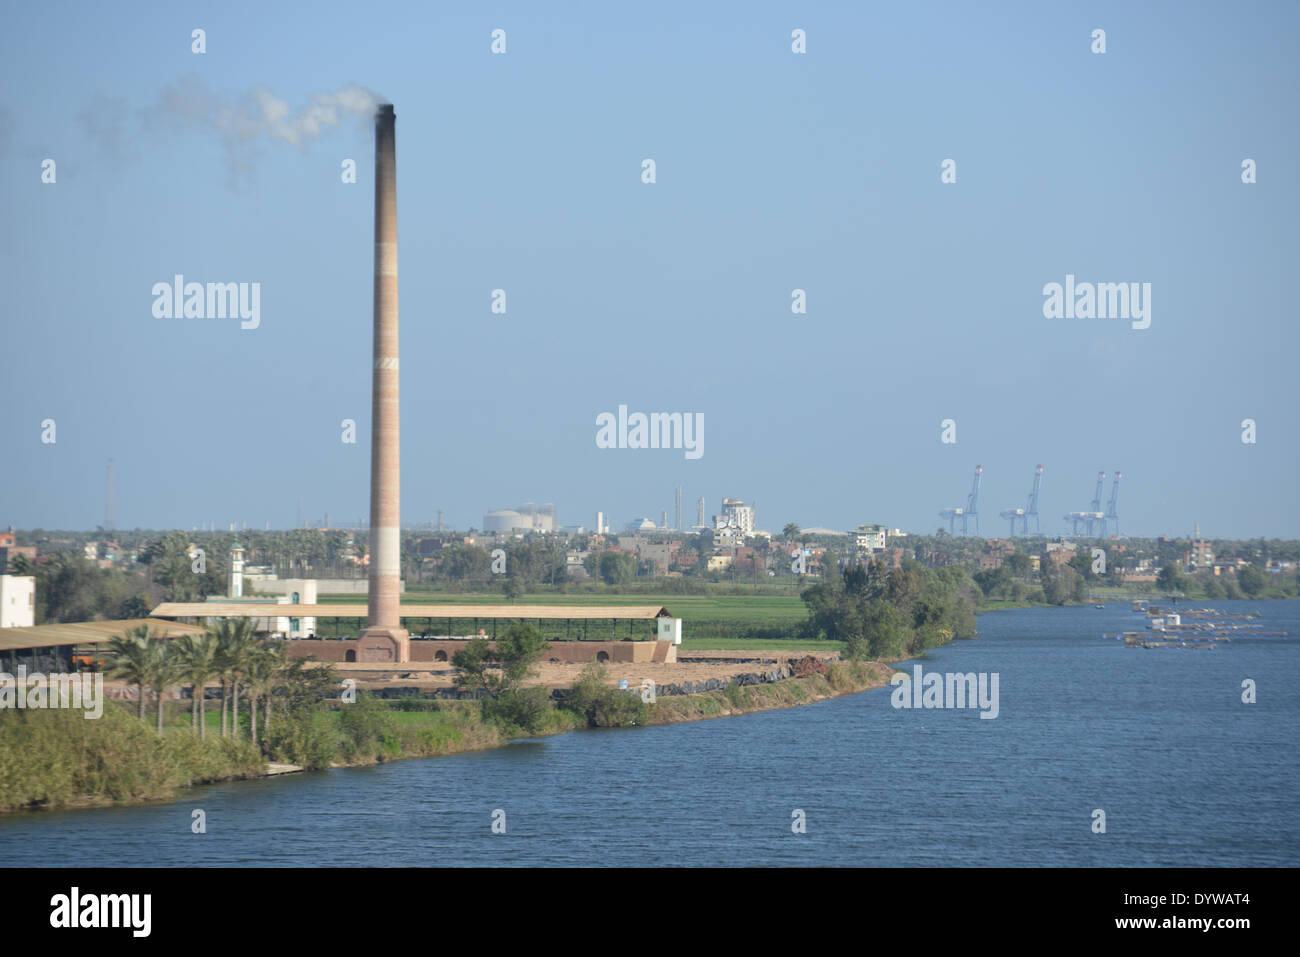 La boca del Nilo en Damietta, Egipto donde las frescas aguas del río más  largo del mundo el Nilo cumple el final de su largo viaje desde el centro  de AF